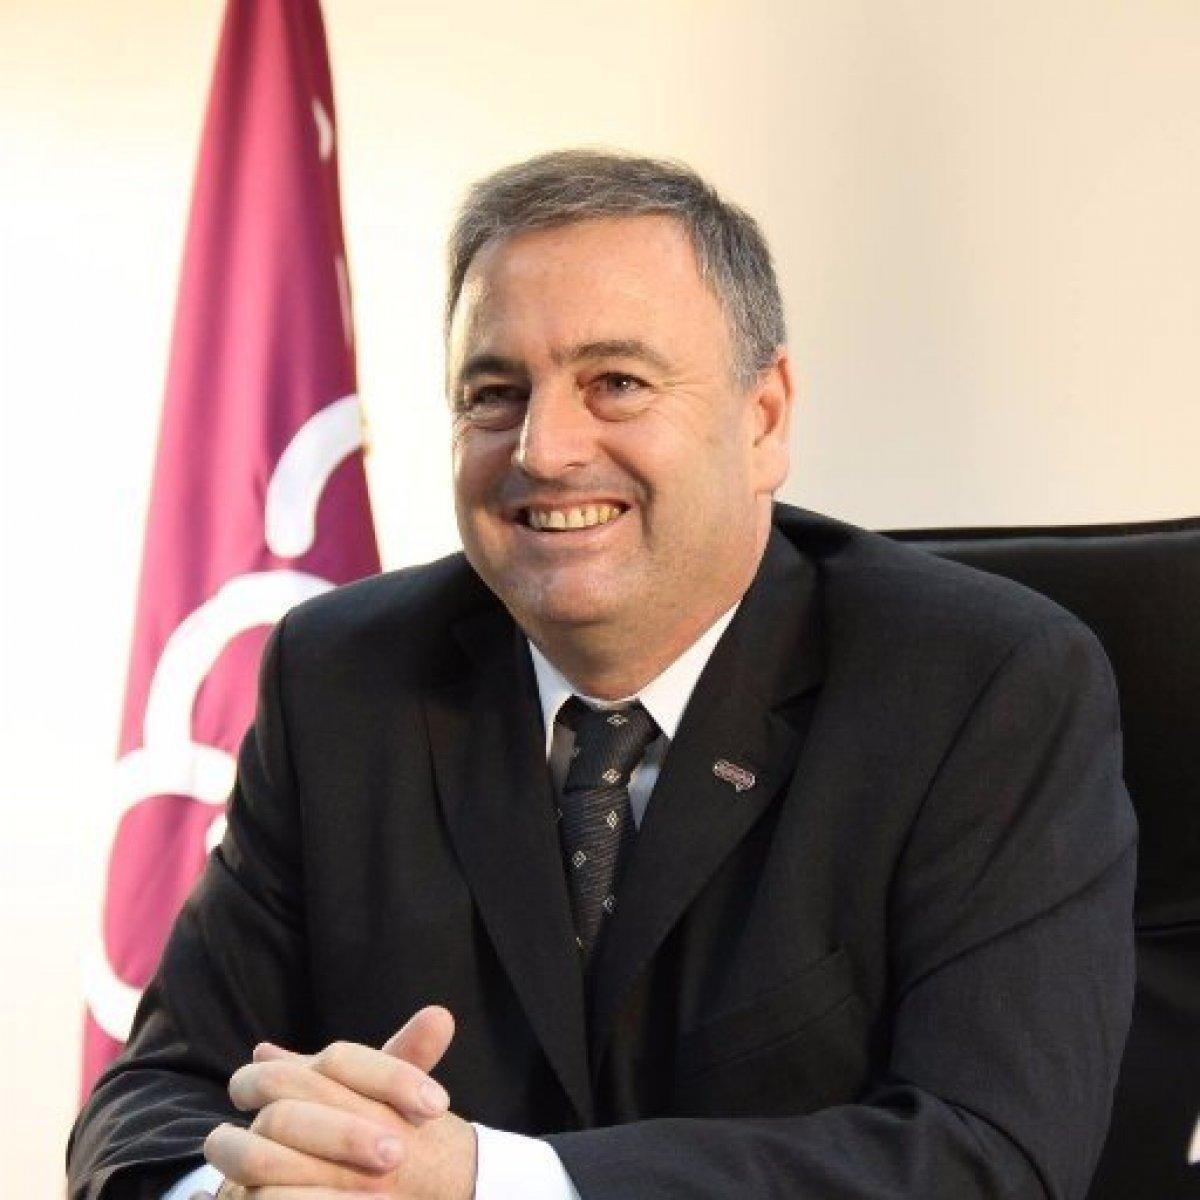 Президент Международного кооперативного альянса Ариэль Гуарко, членом которого является Центросоюз РФ, примет участие в форуме, запланированном на сентябрь этого года